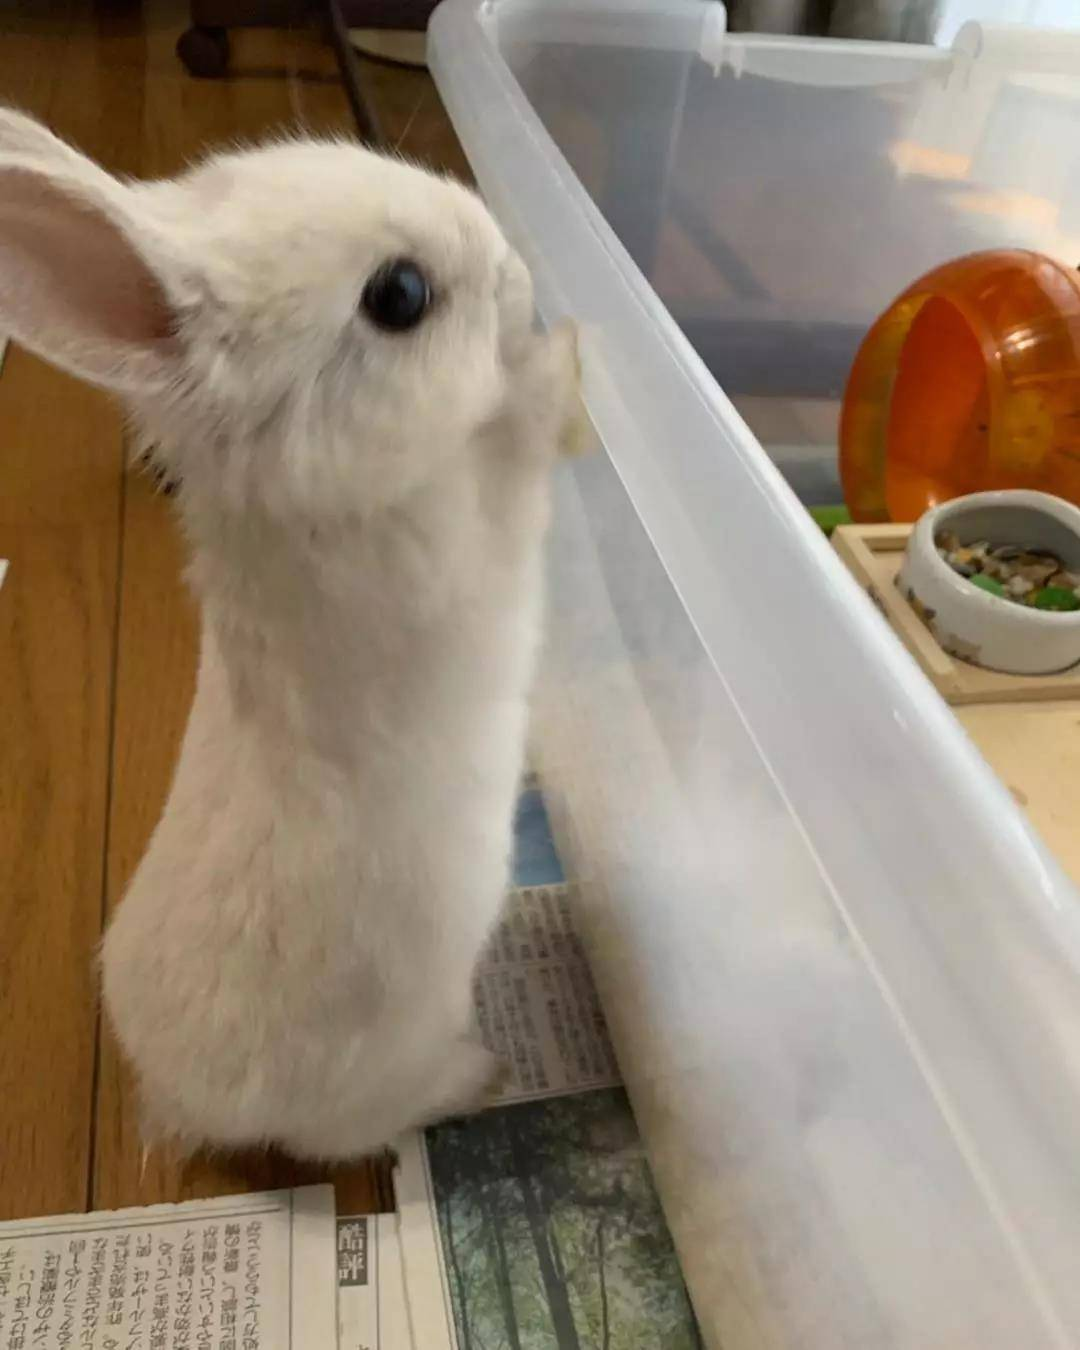 原来兔兔小的时候就像一个小毛球,真的好萌啊